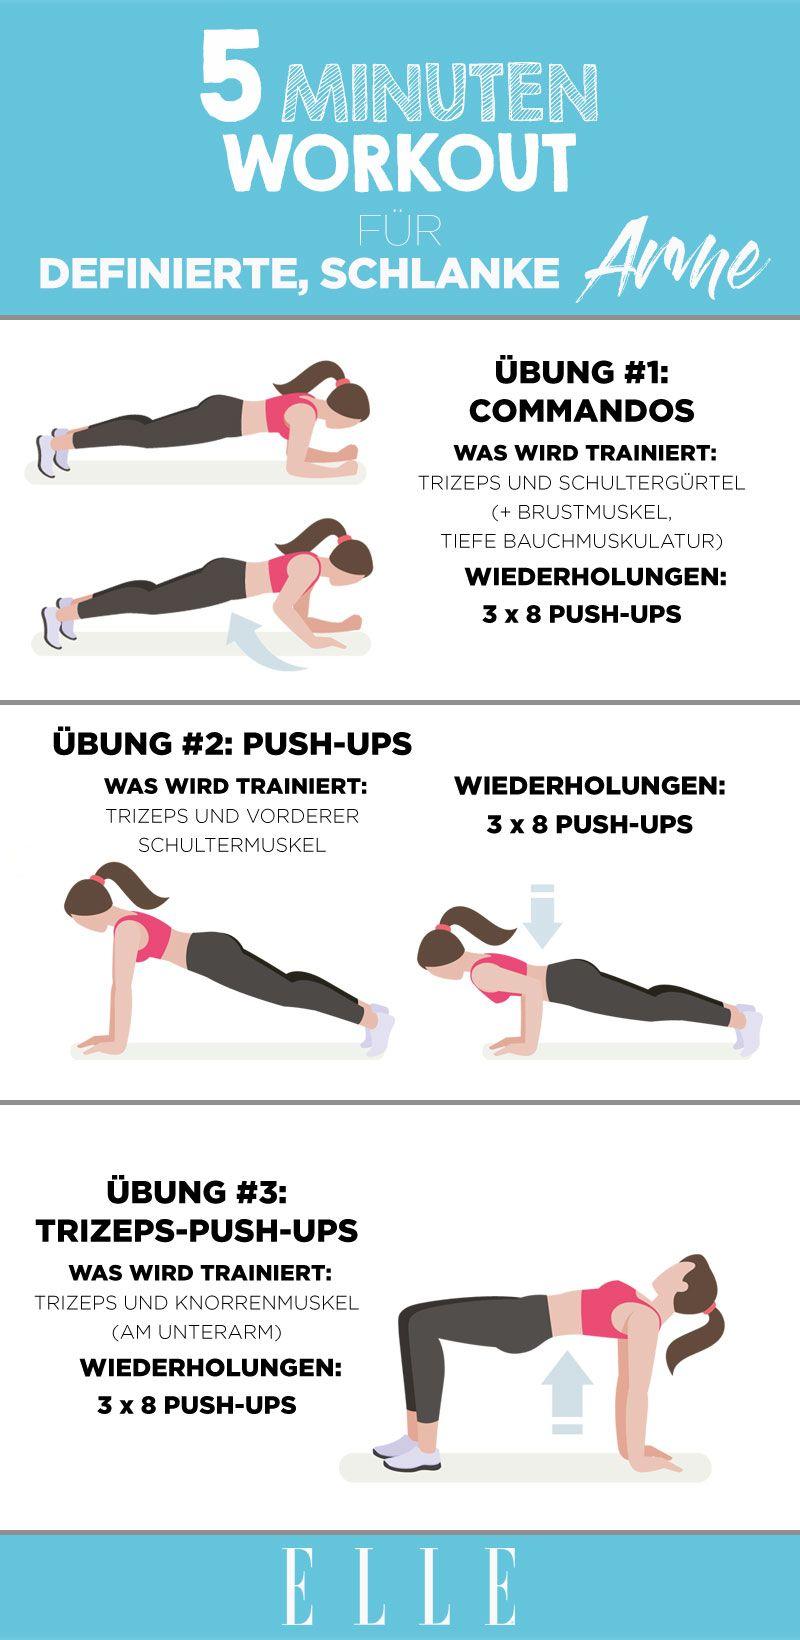 Fünf-Minuten-Workout: die 3 besten Übungen für schlanke Arme #workoutplans